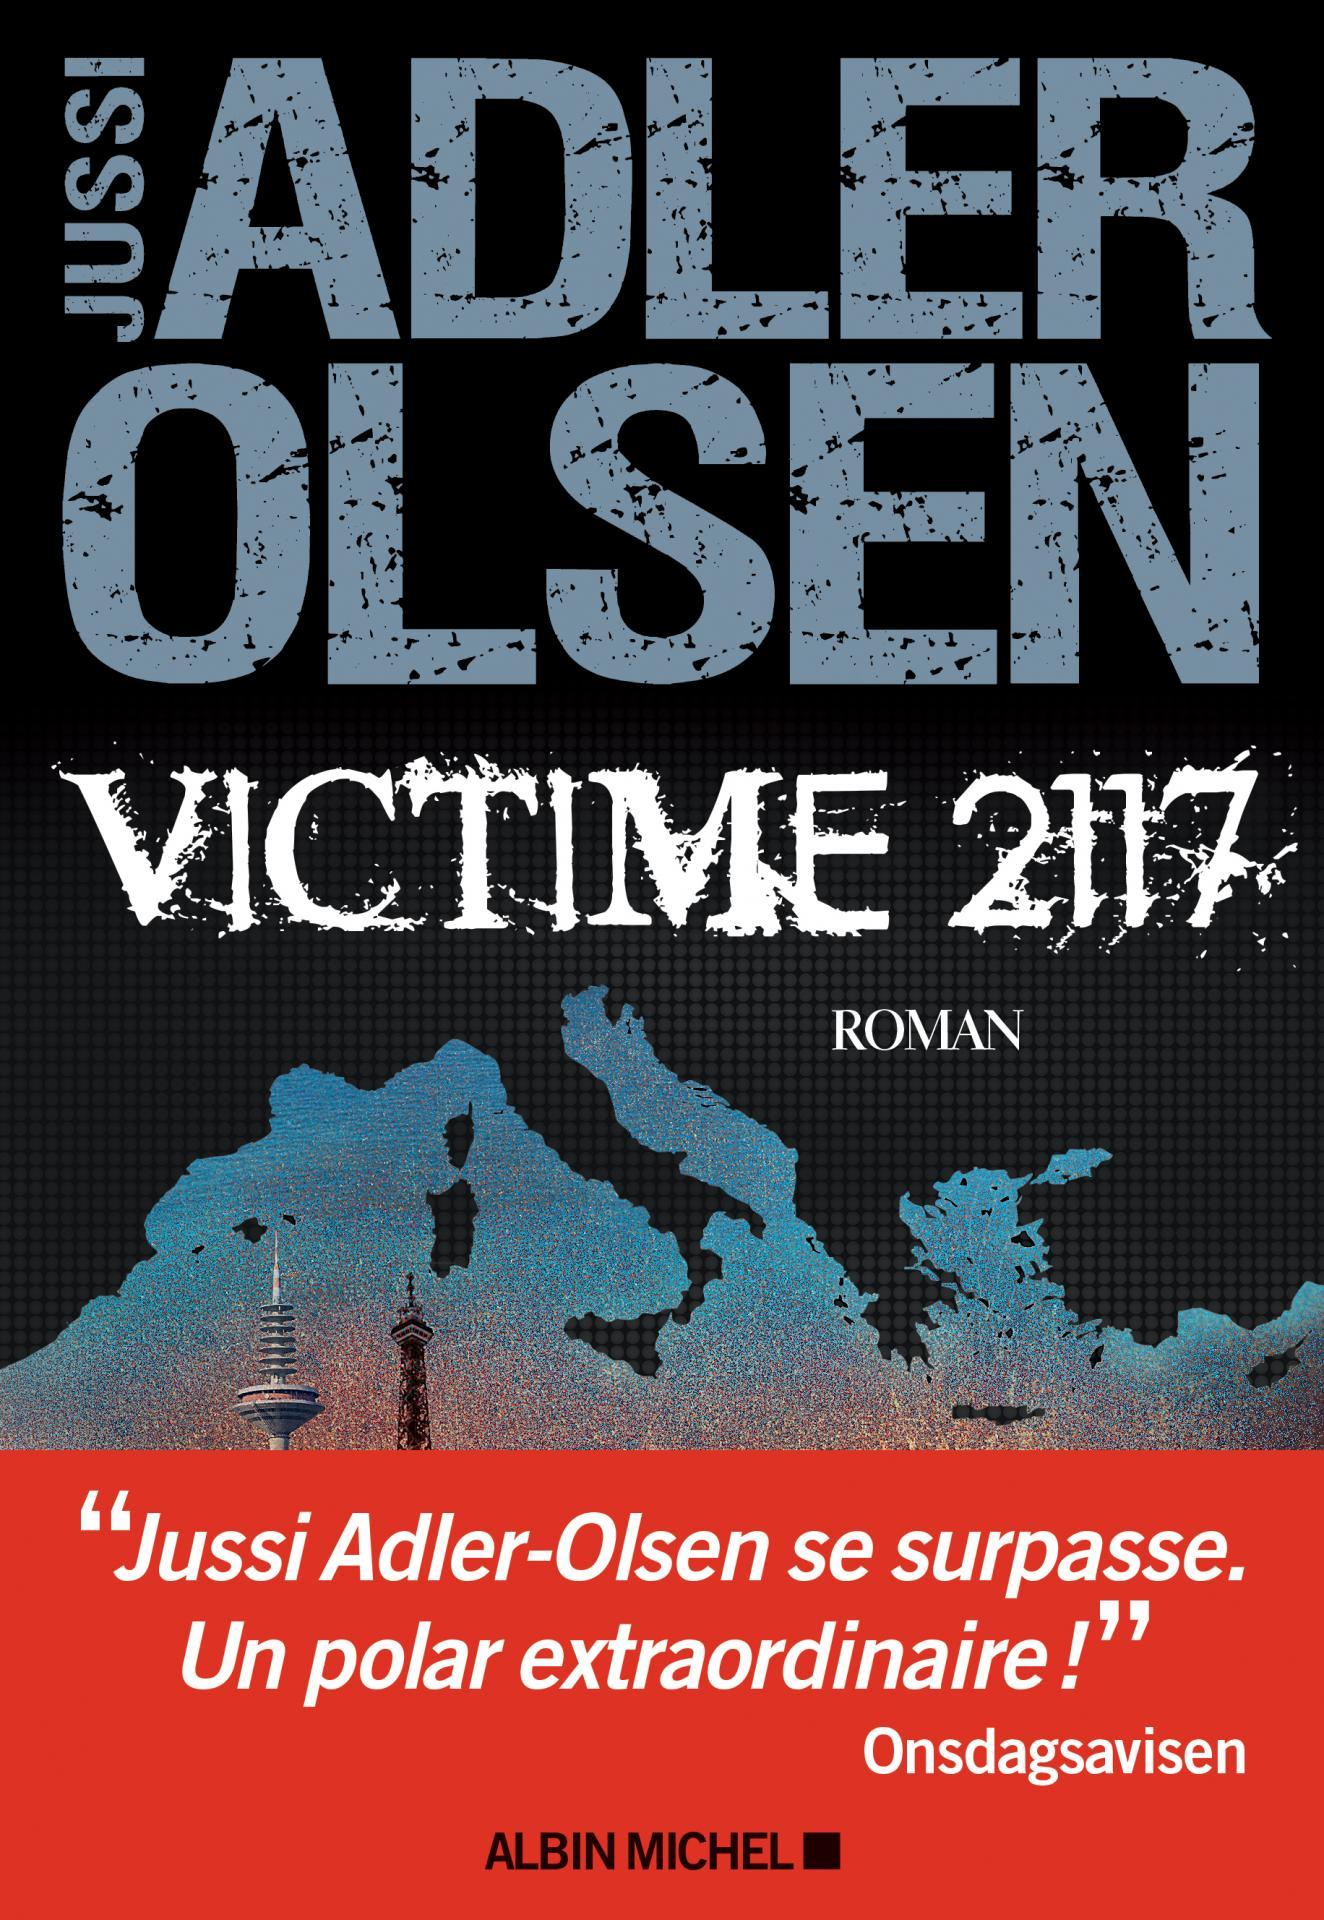 Victime 2117 - Jussi Adler-Olsen